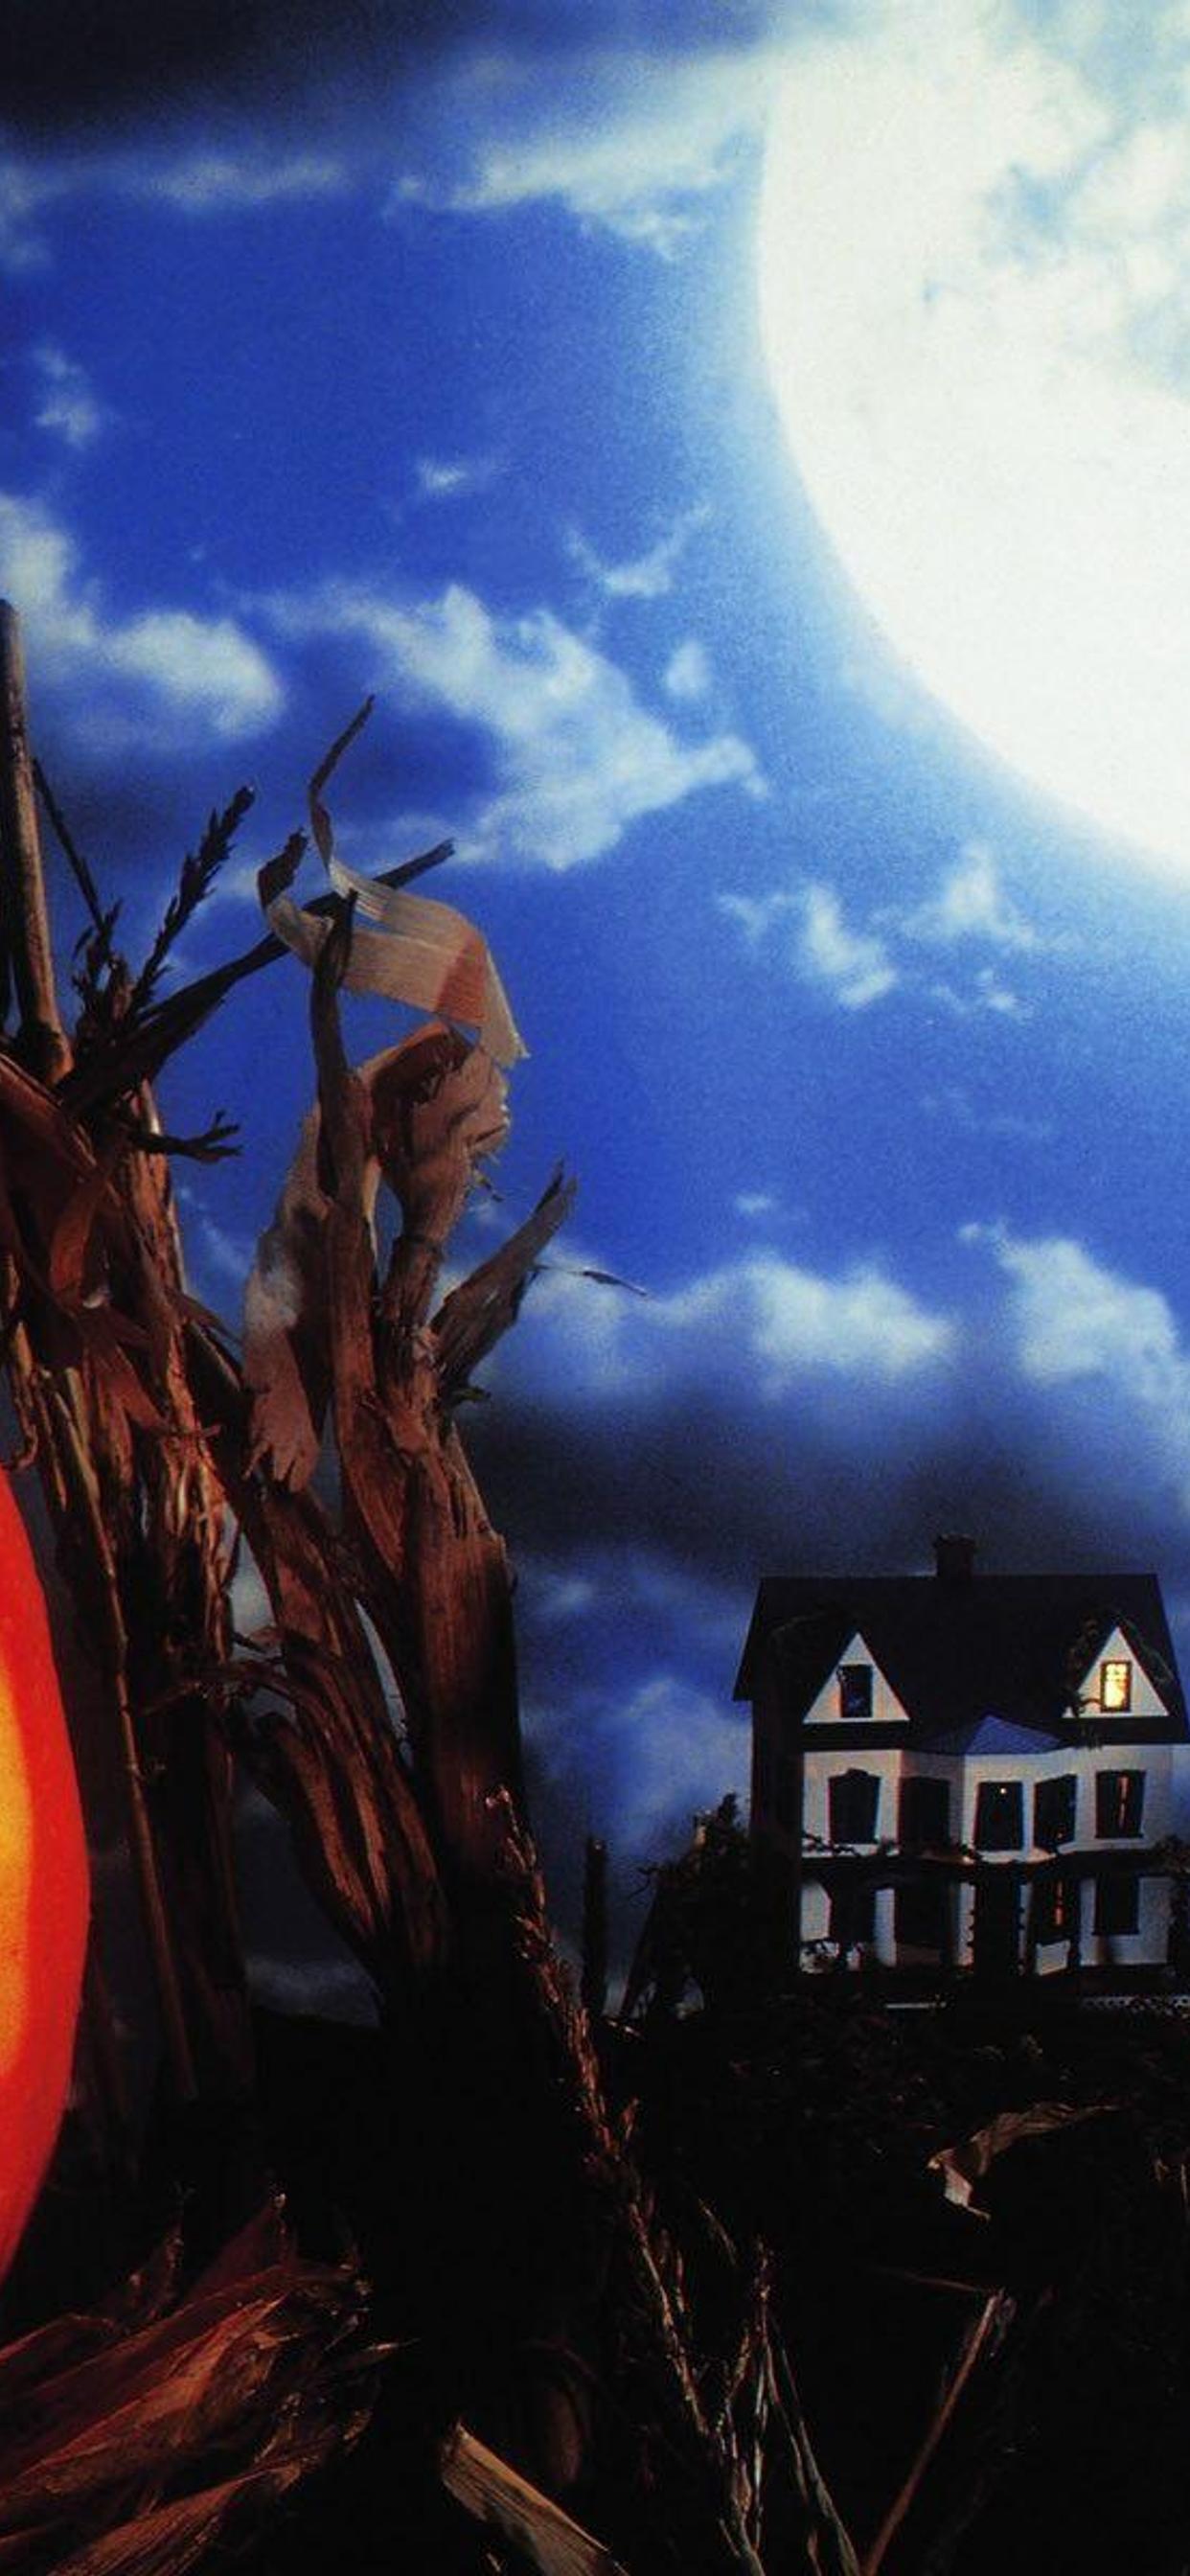 Big Moon And Scary Halloween Pumpkin Hd Wallpaper